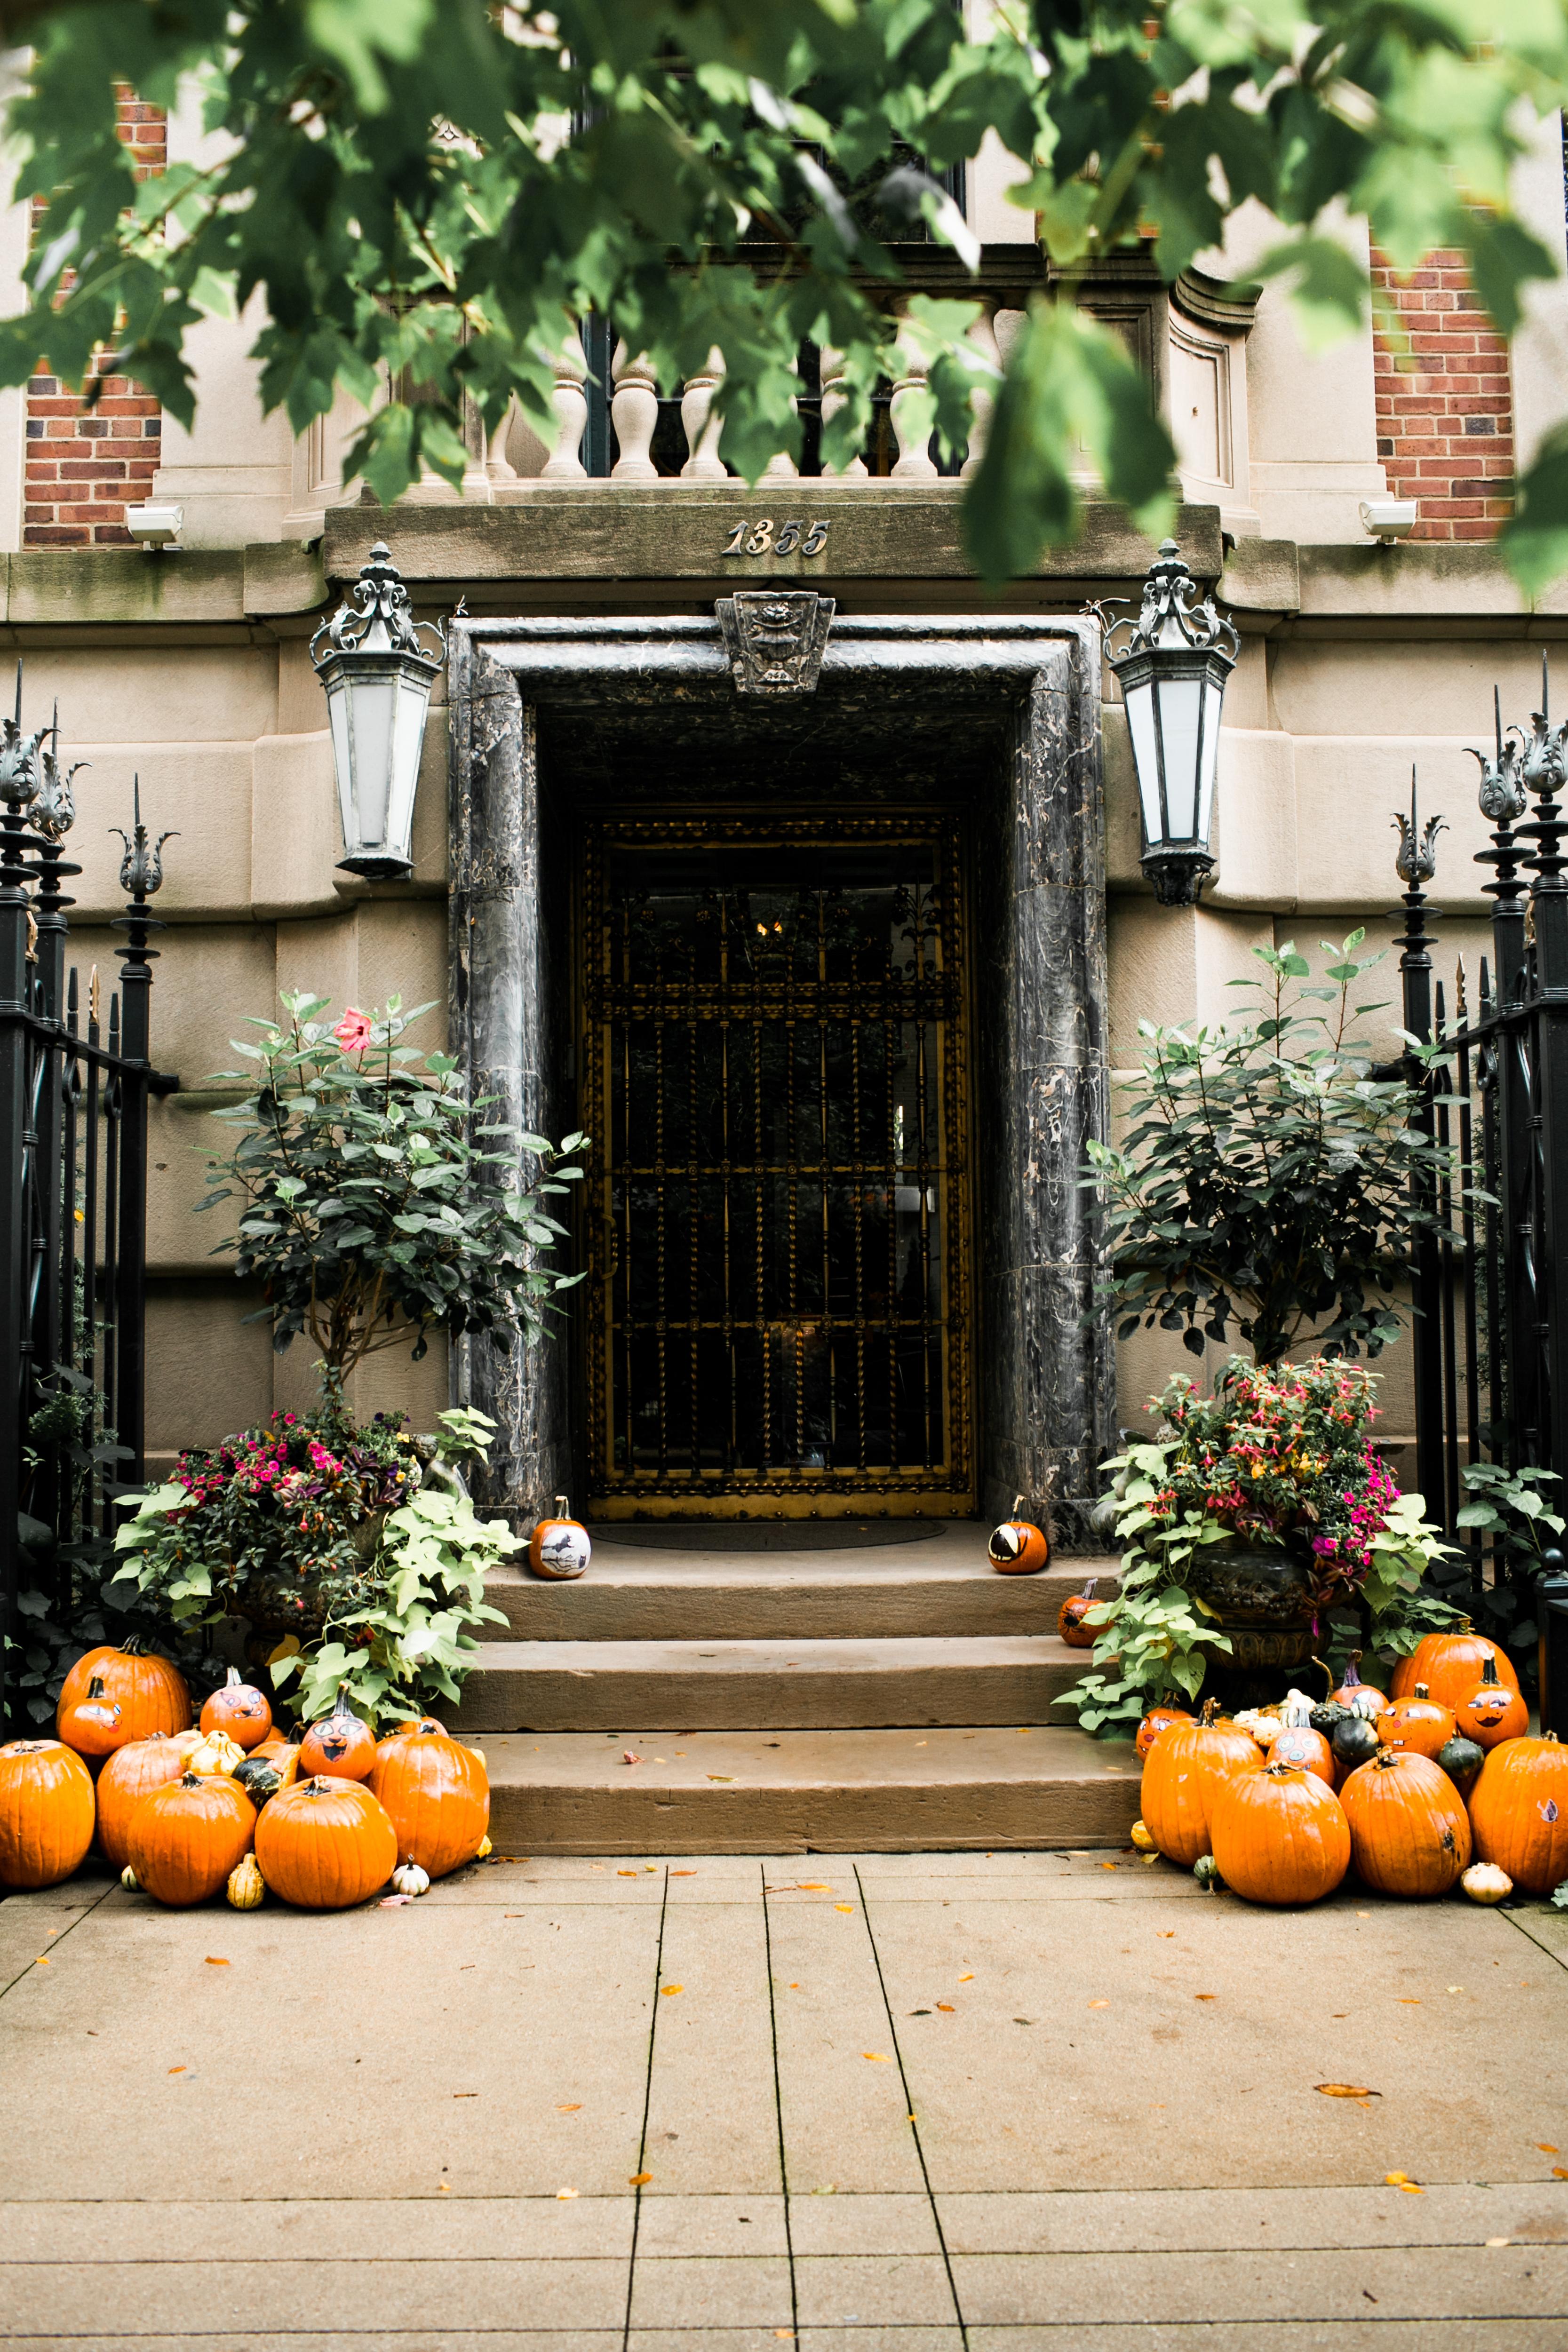 A bundle of pumpkins.